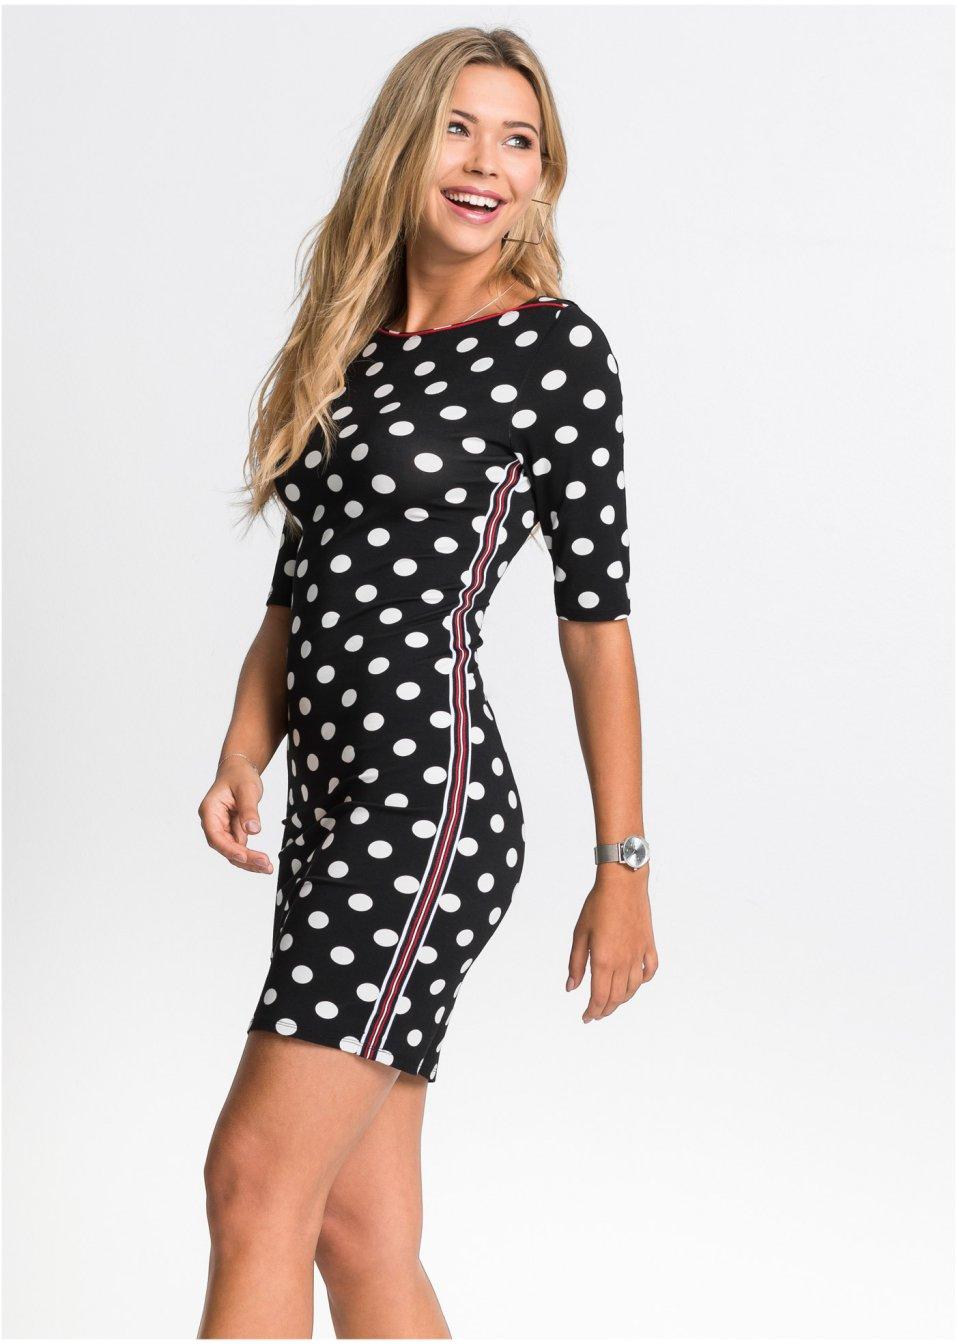 Kleid mit Punkten und Galonstreifen schwarz/weiß gepunktet ...